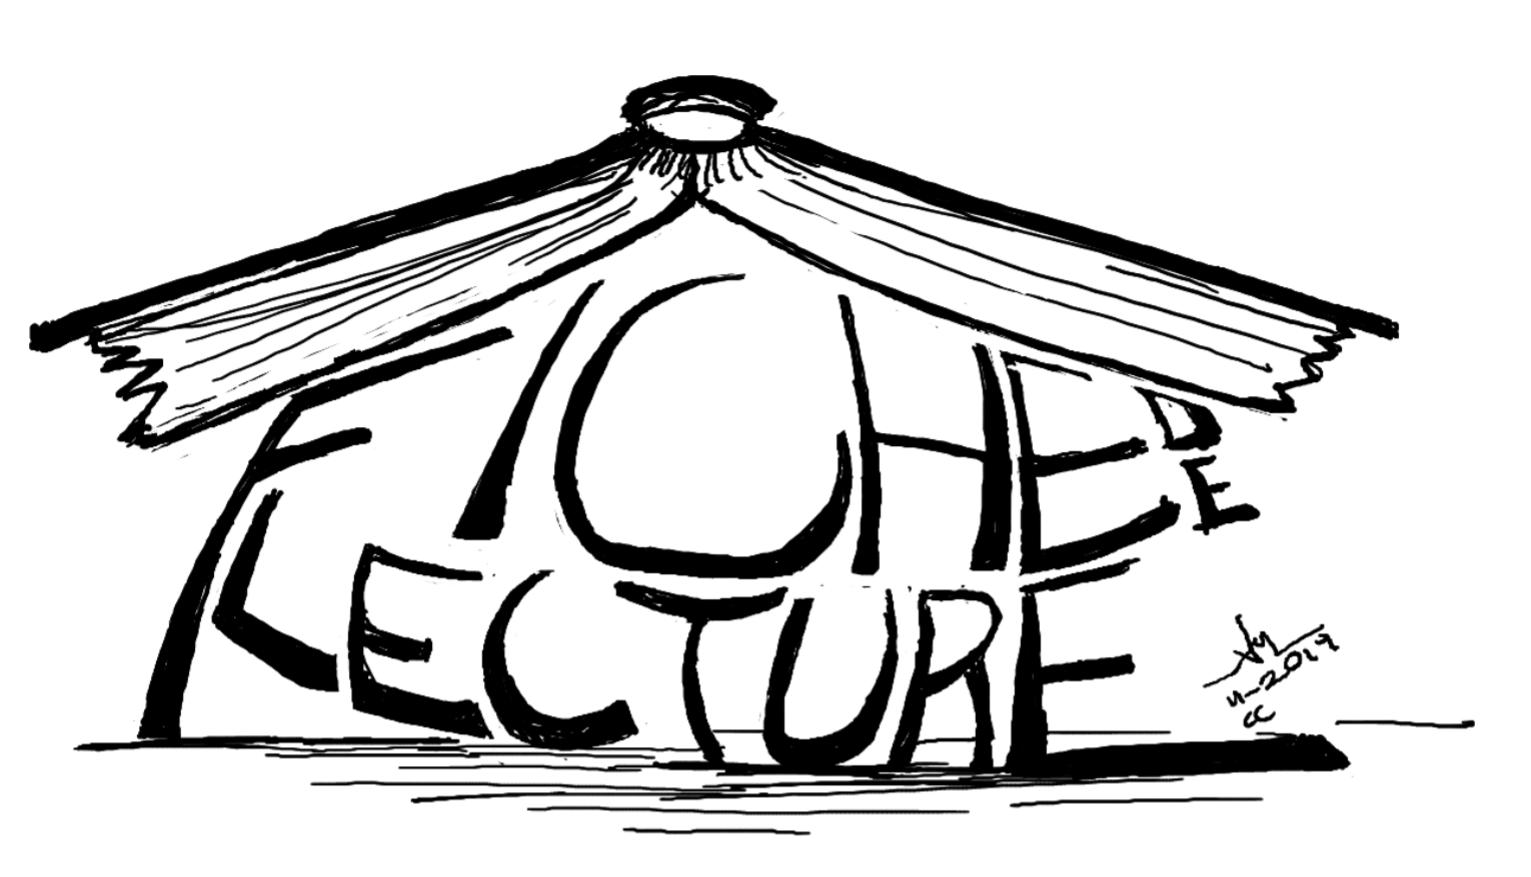 dessin d'un titre écrasé par un livre